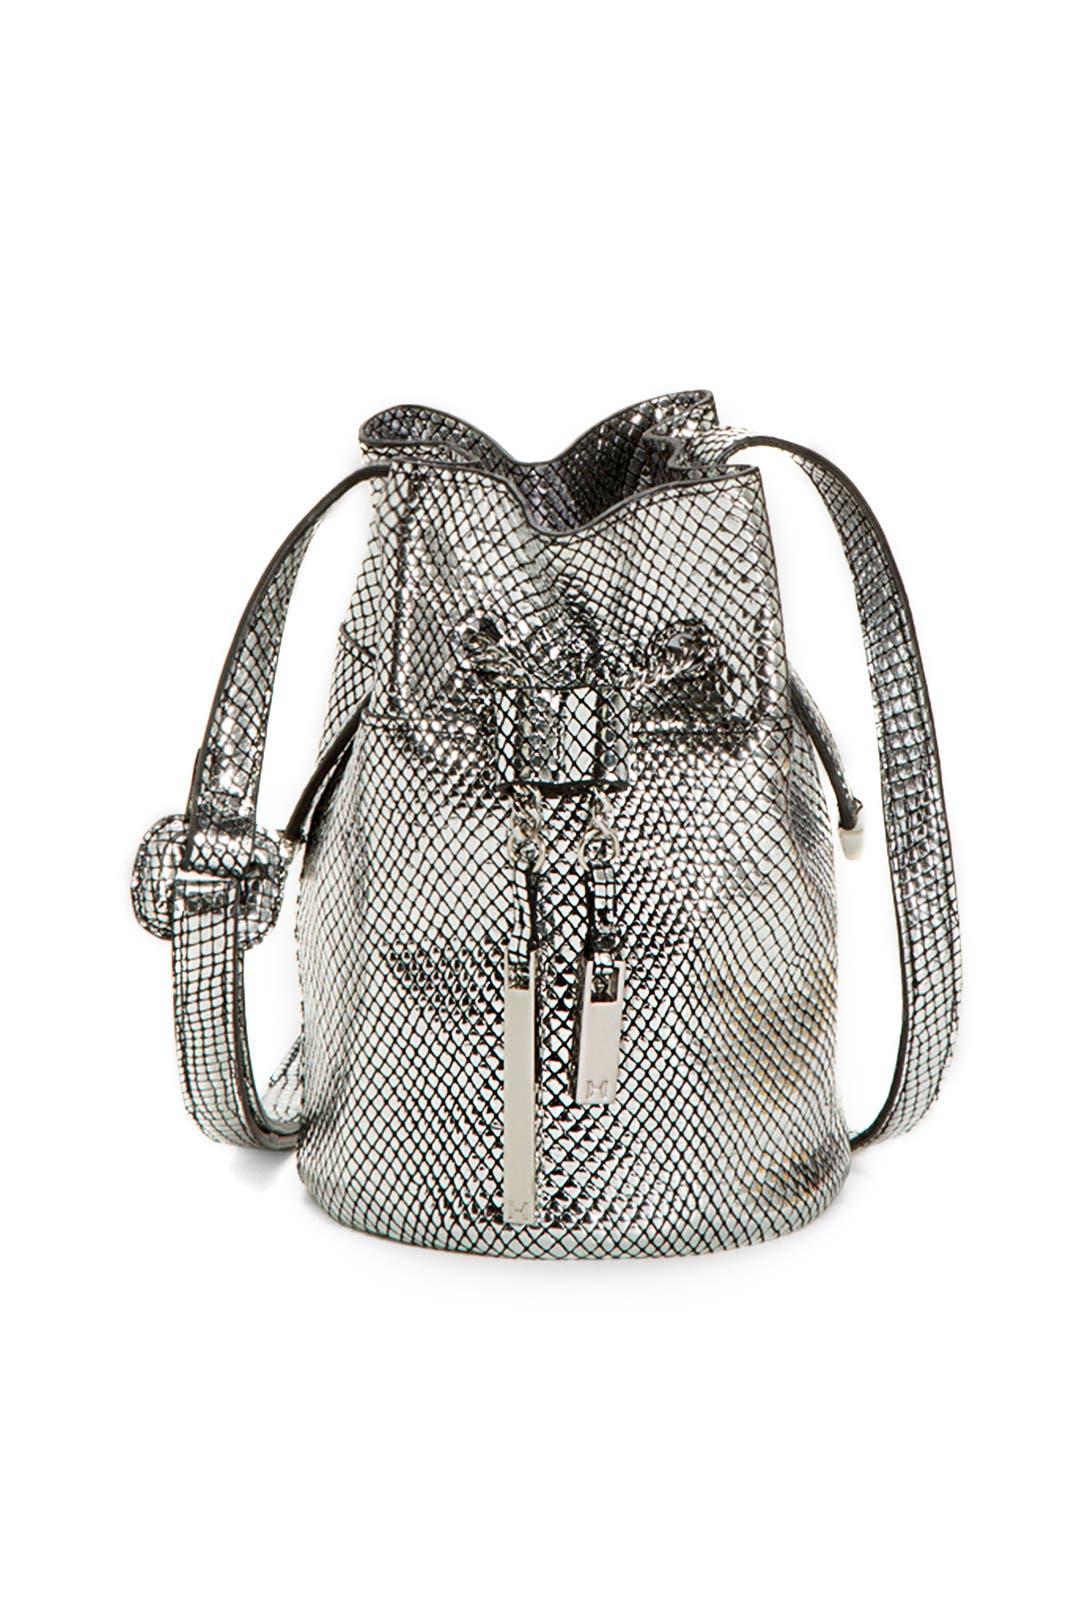 Silver Mini Bucket by Halston Heritage Handbags